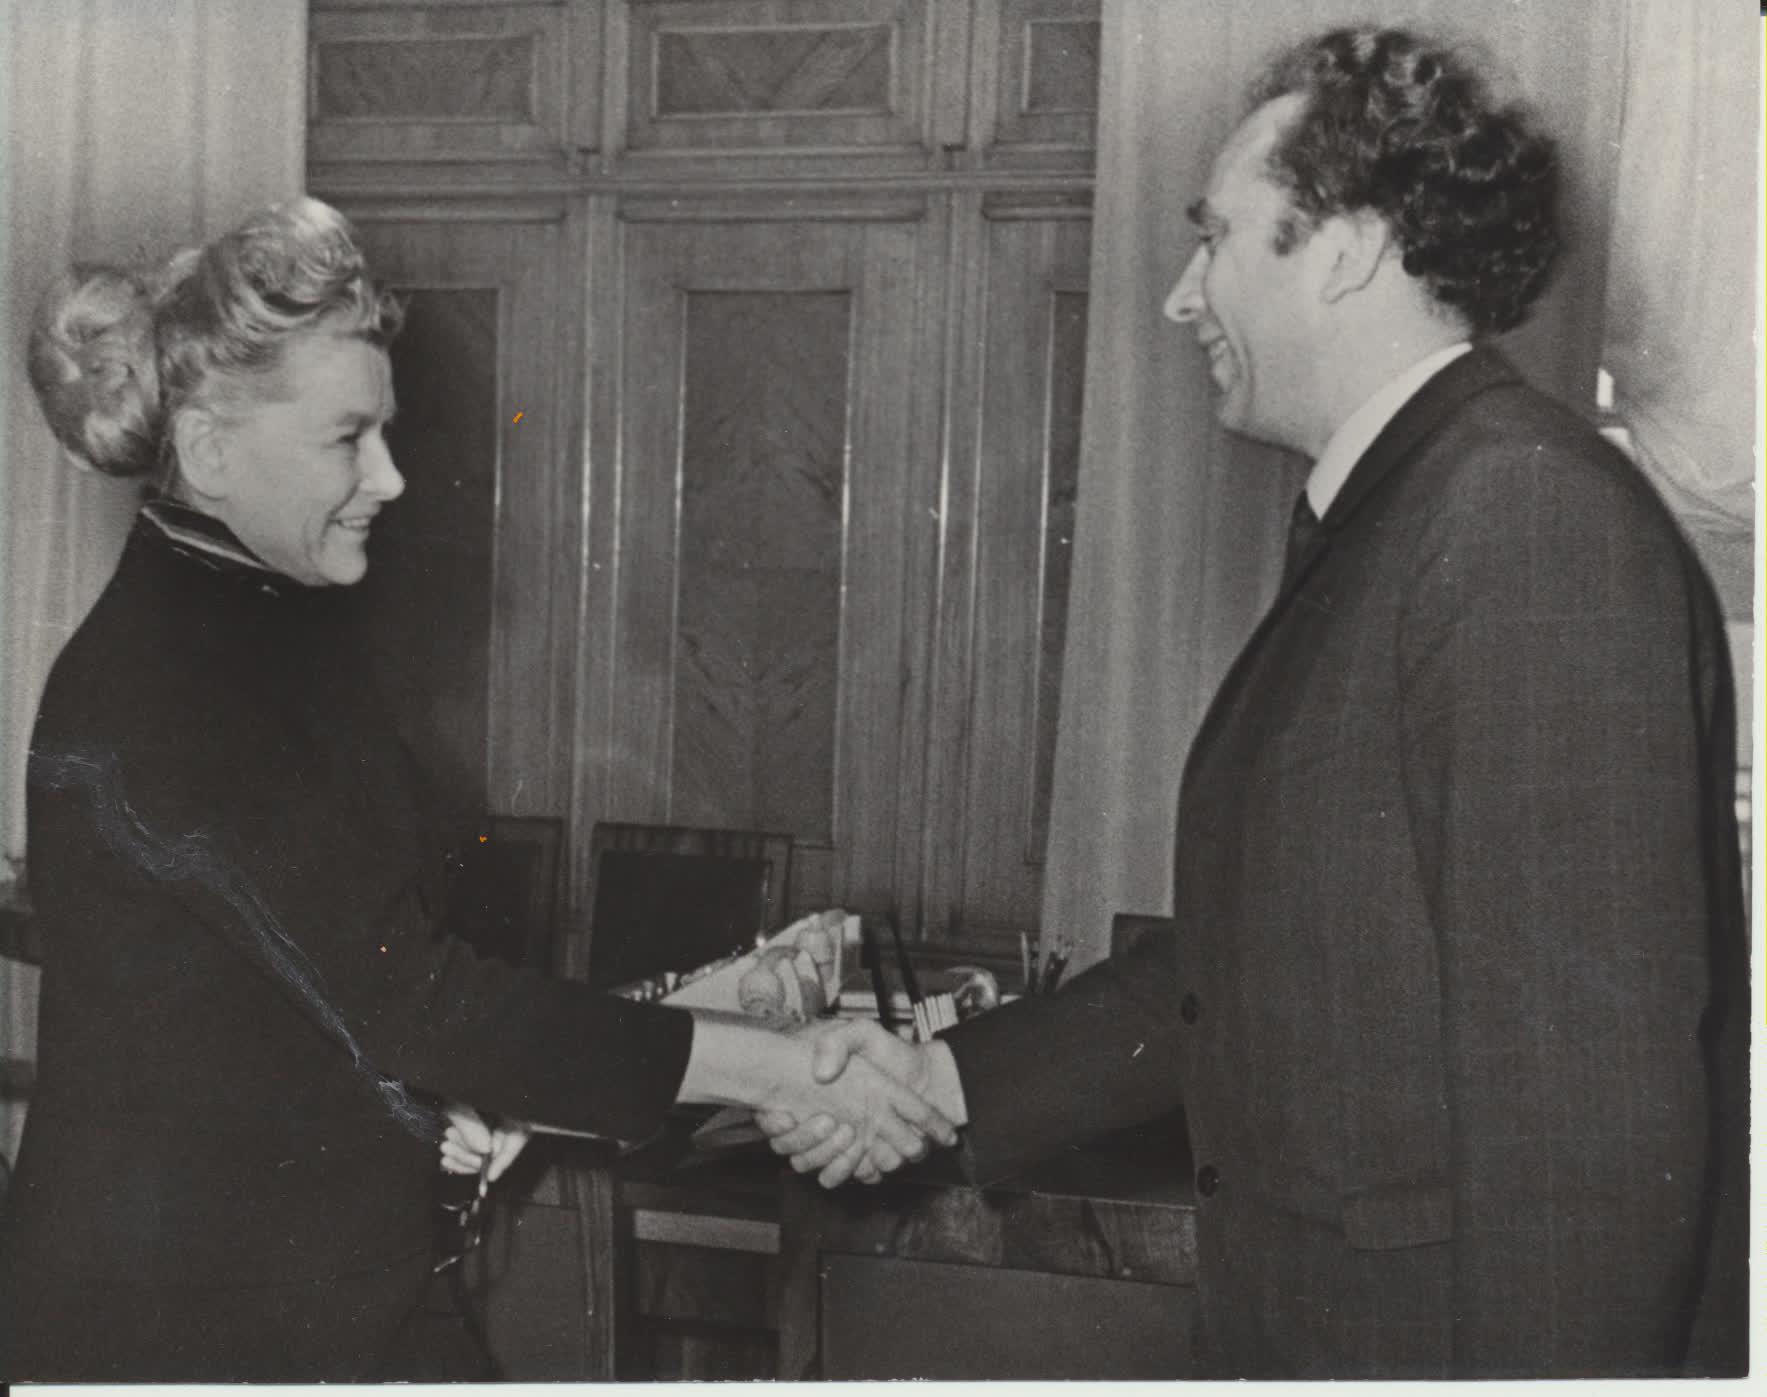 TSRS Kultūros ministrė Jekaterina Furceva įteikia V. Reimeriui Dž. Neru premiją. Maskva, apie 1968 m. N. Kočnevo nuotrauka